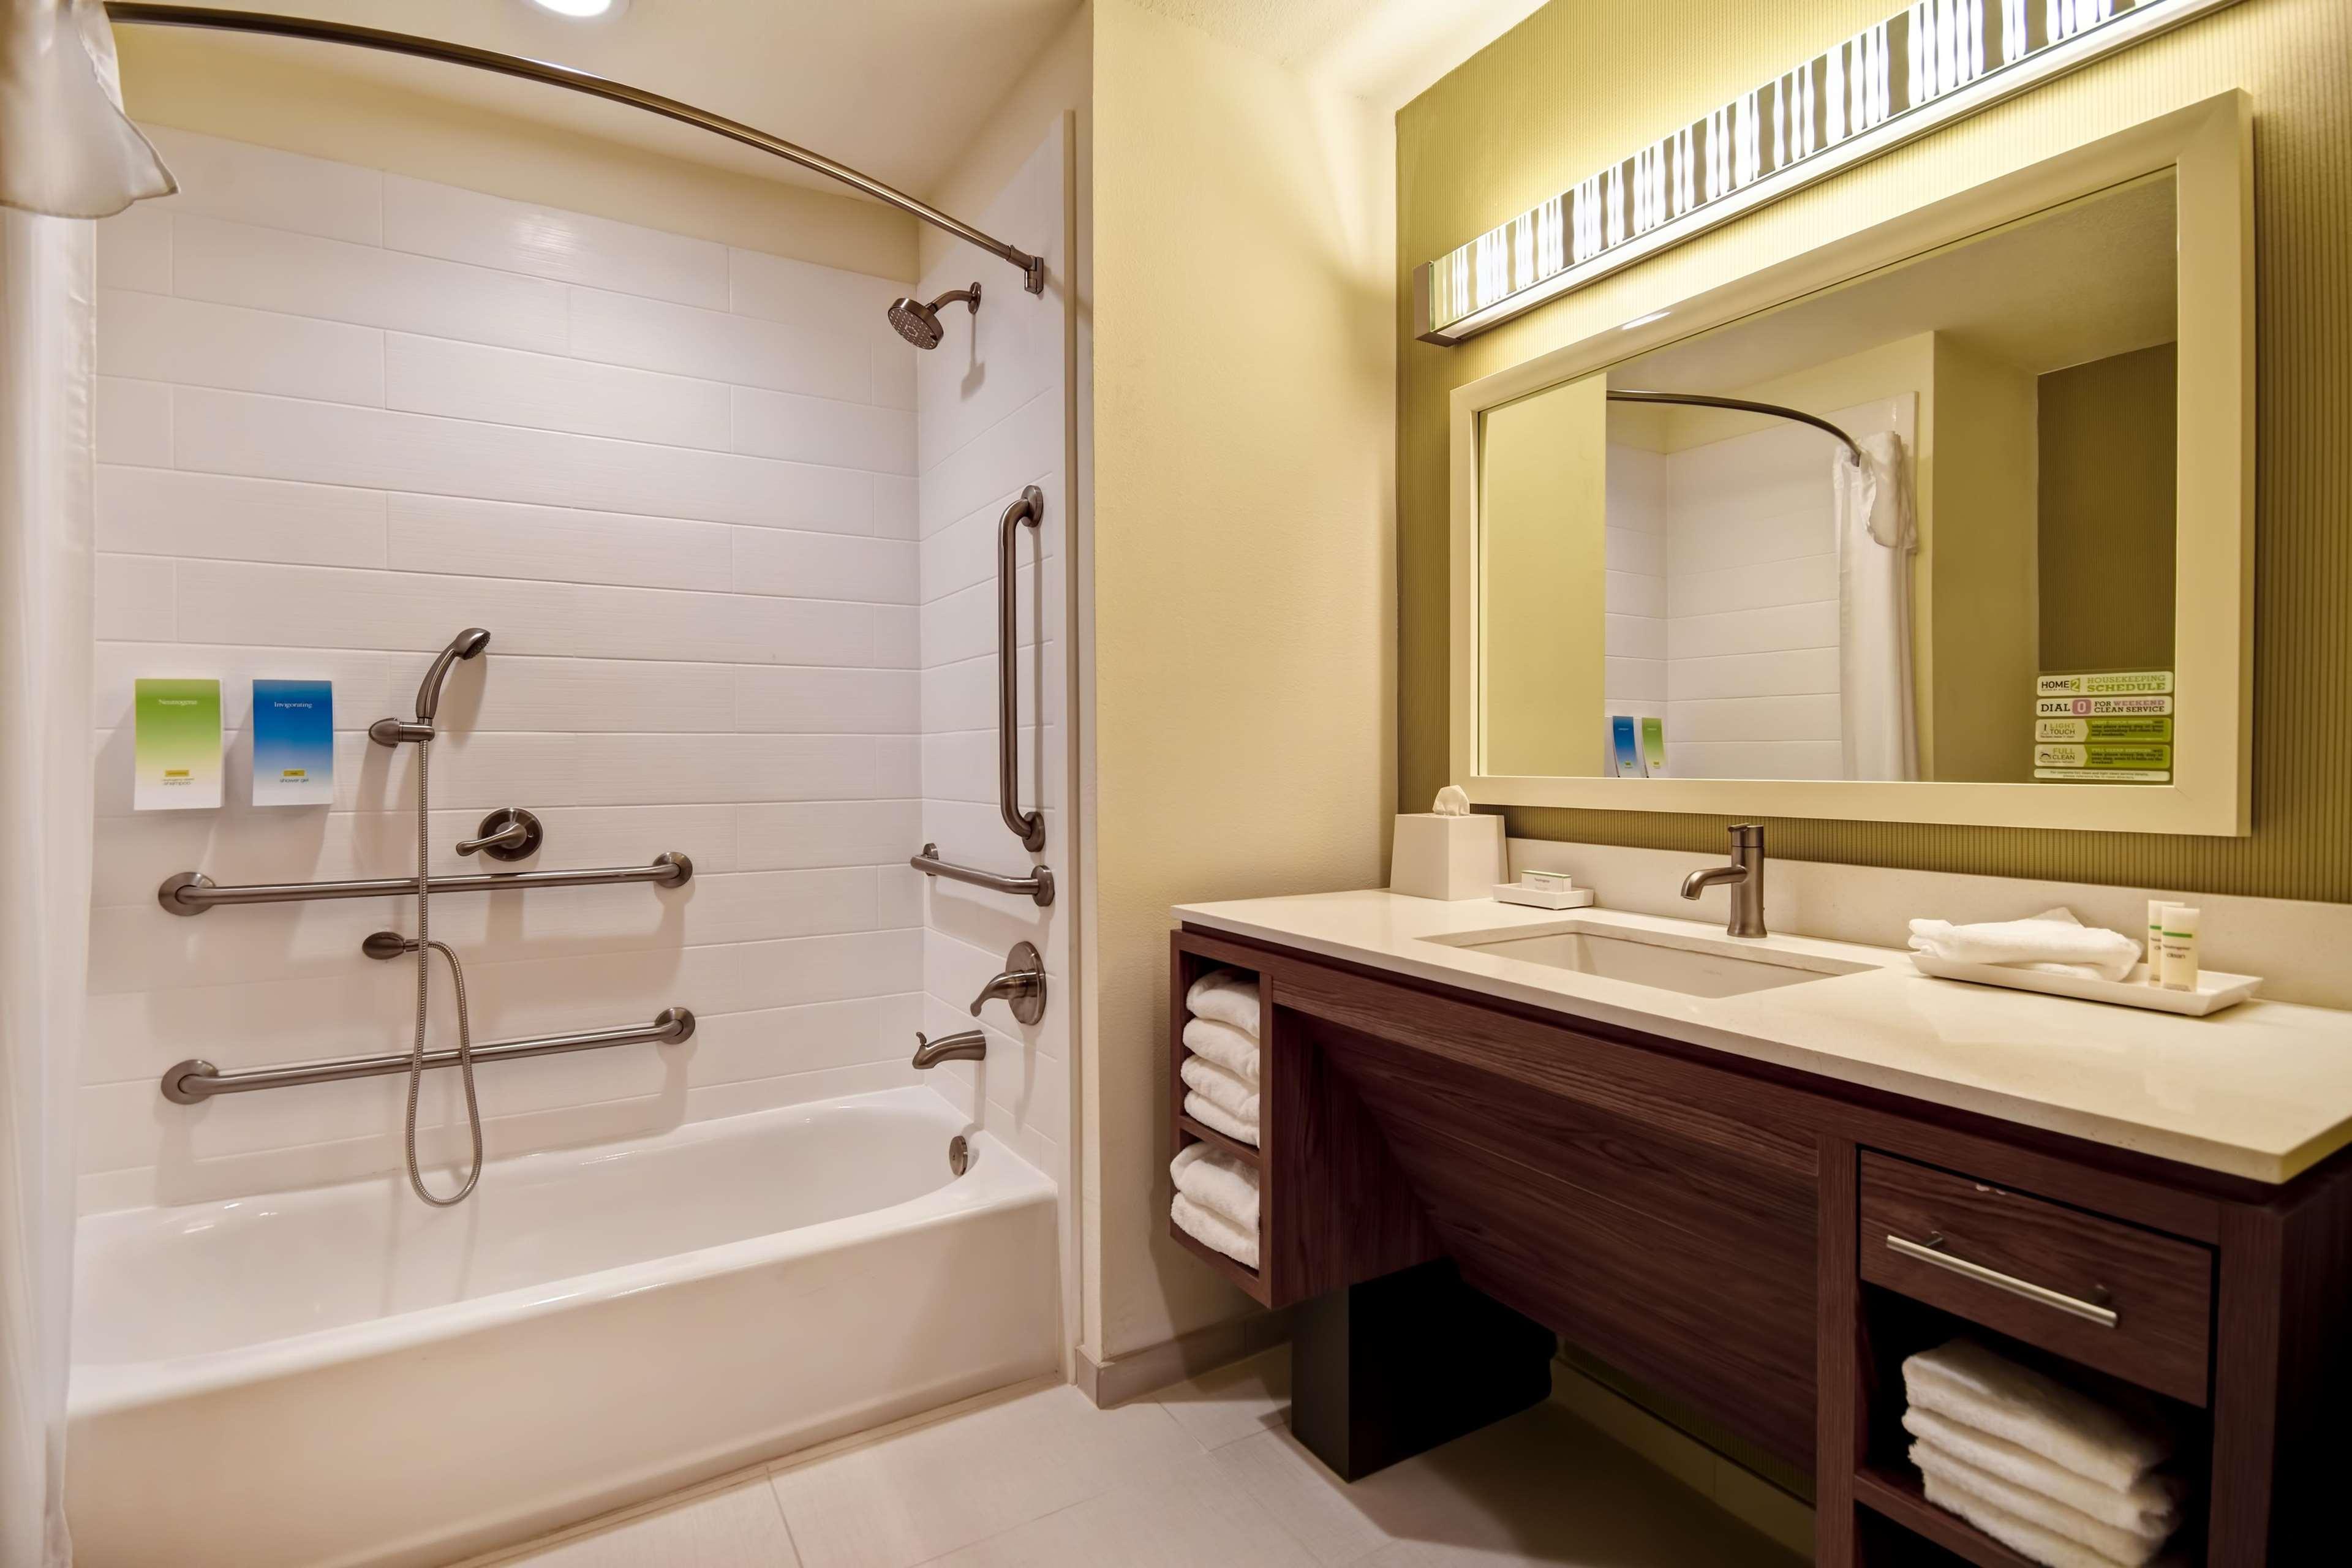 Home2 Suites by Hilton Smyrna Nashville image 28